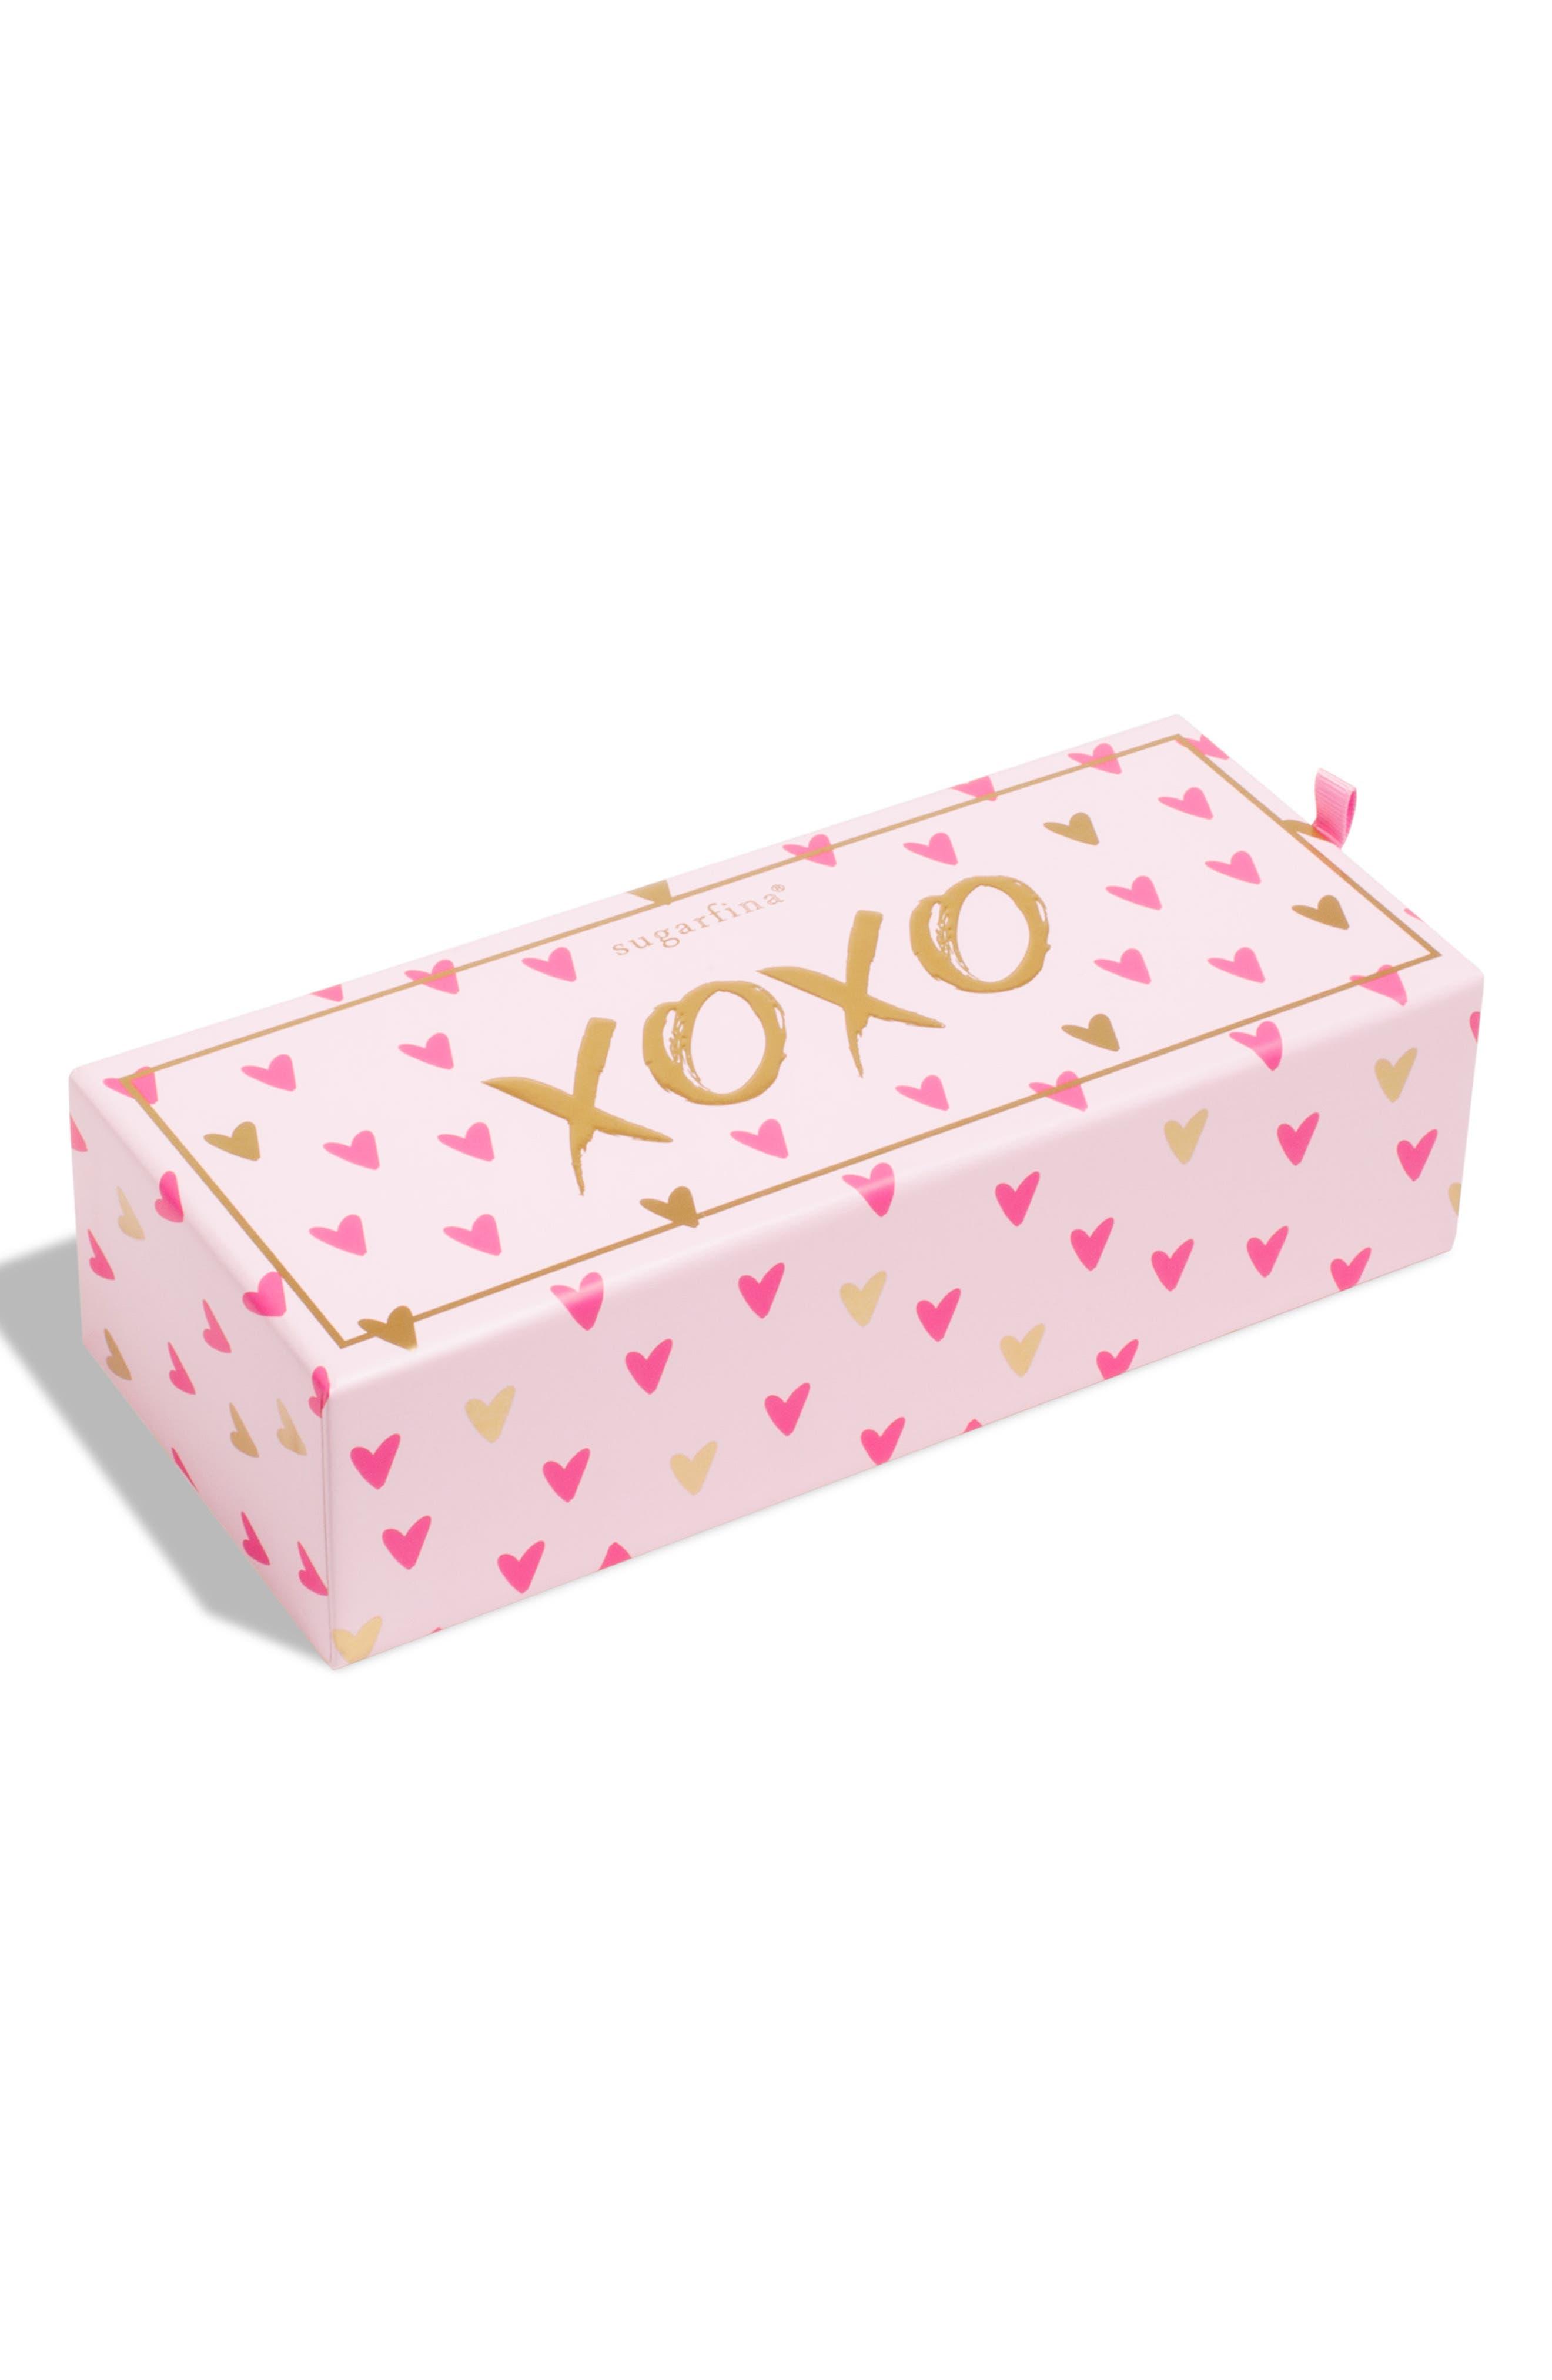 SUGARFINA,                             XOXO 3-Piece Candy Bento Box,                             Main thumbnail 1, color,                             650